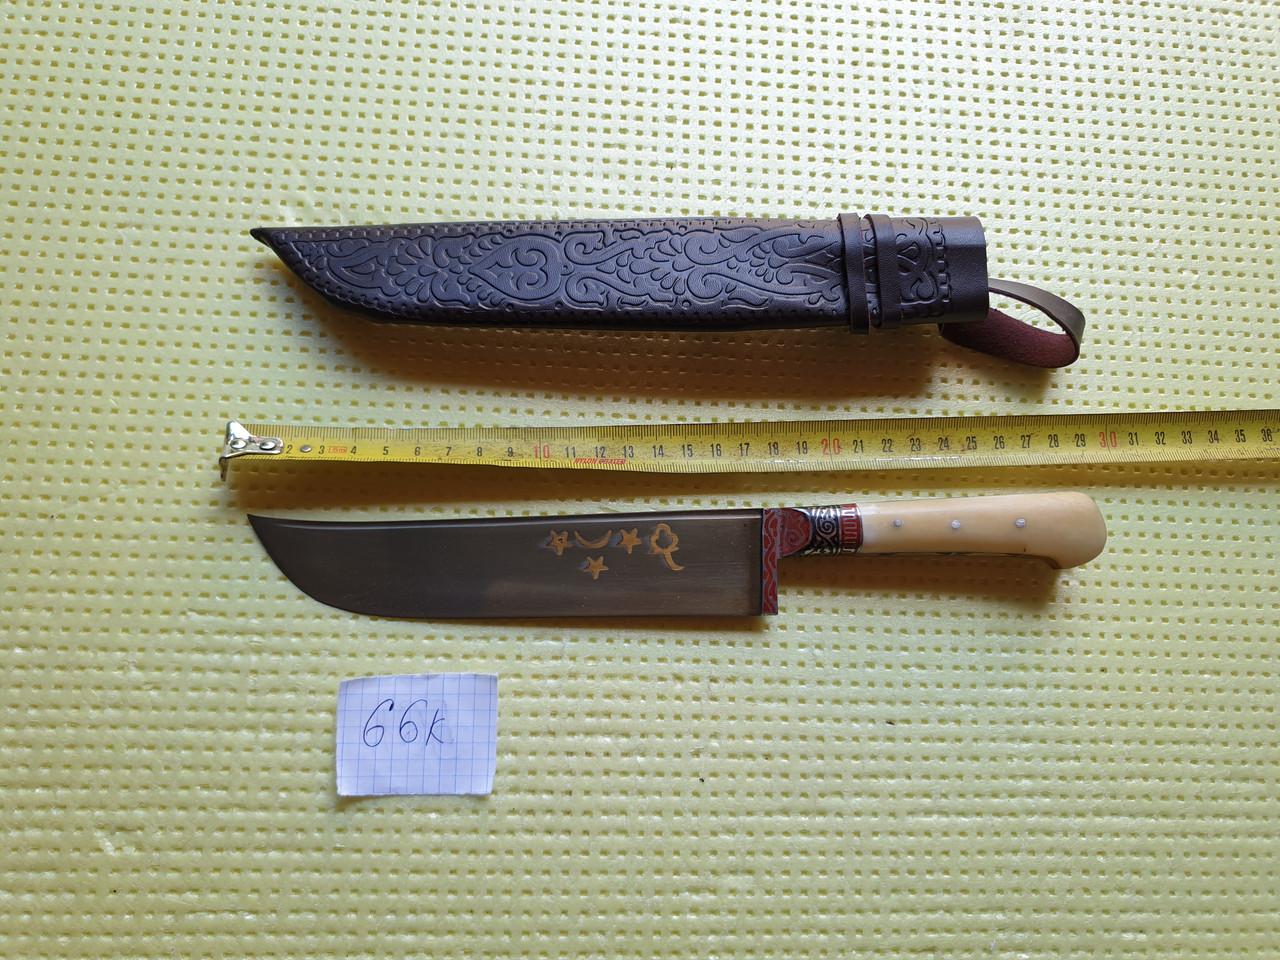 Ніж узбецький. Пчак узбецький. Традиційні узбецькі ножі Пчаки. Ніж ручної роботи.